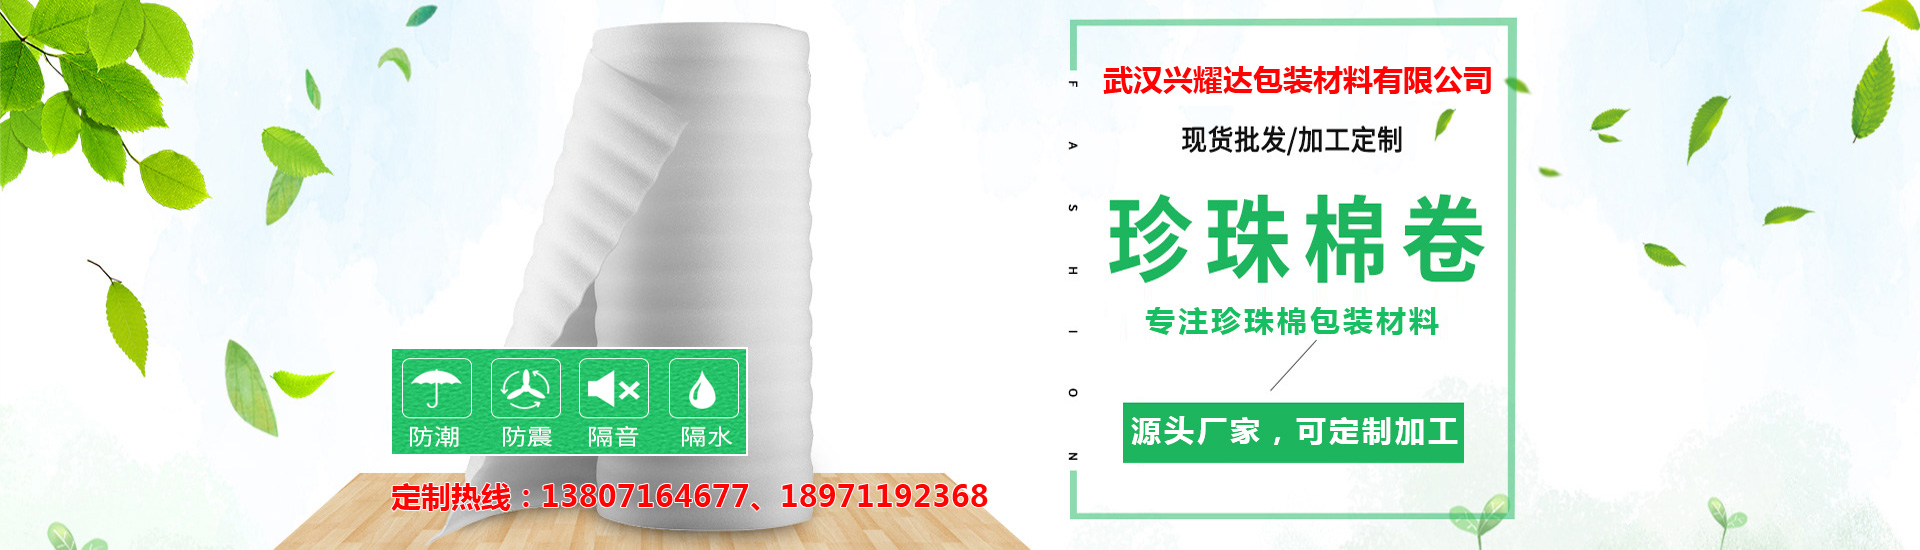 武汉珍珠棉加工